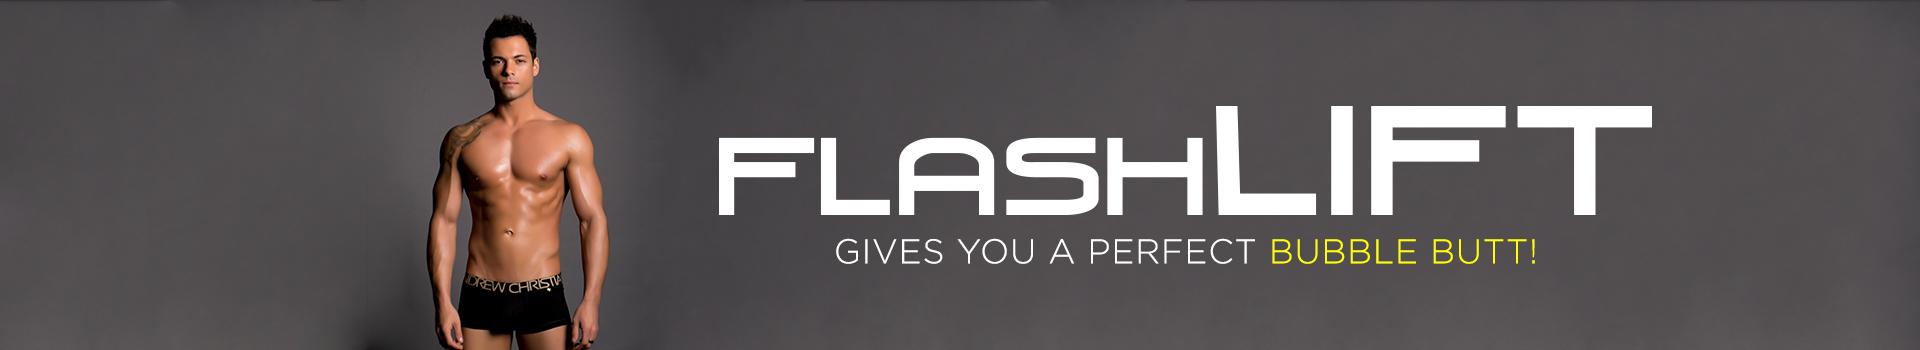 FlashLIFT